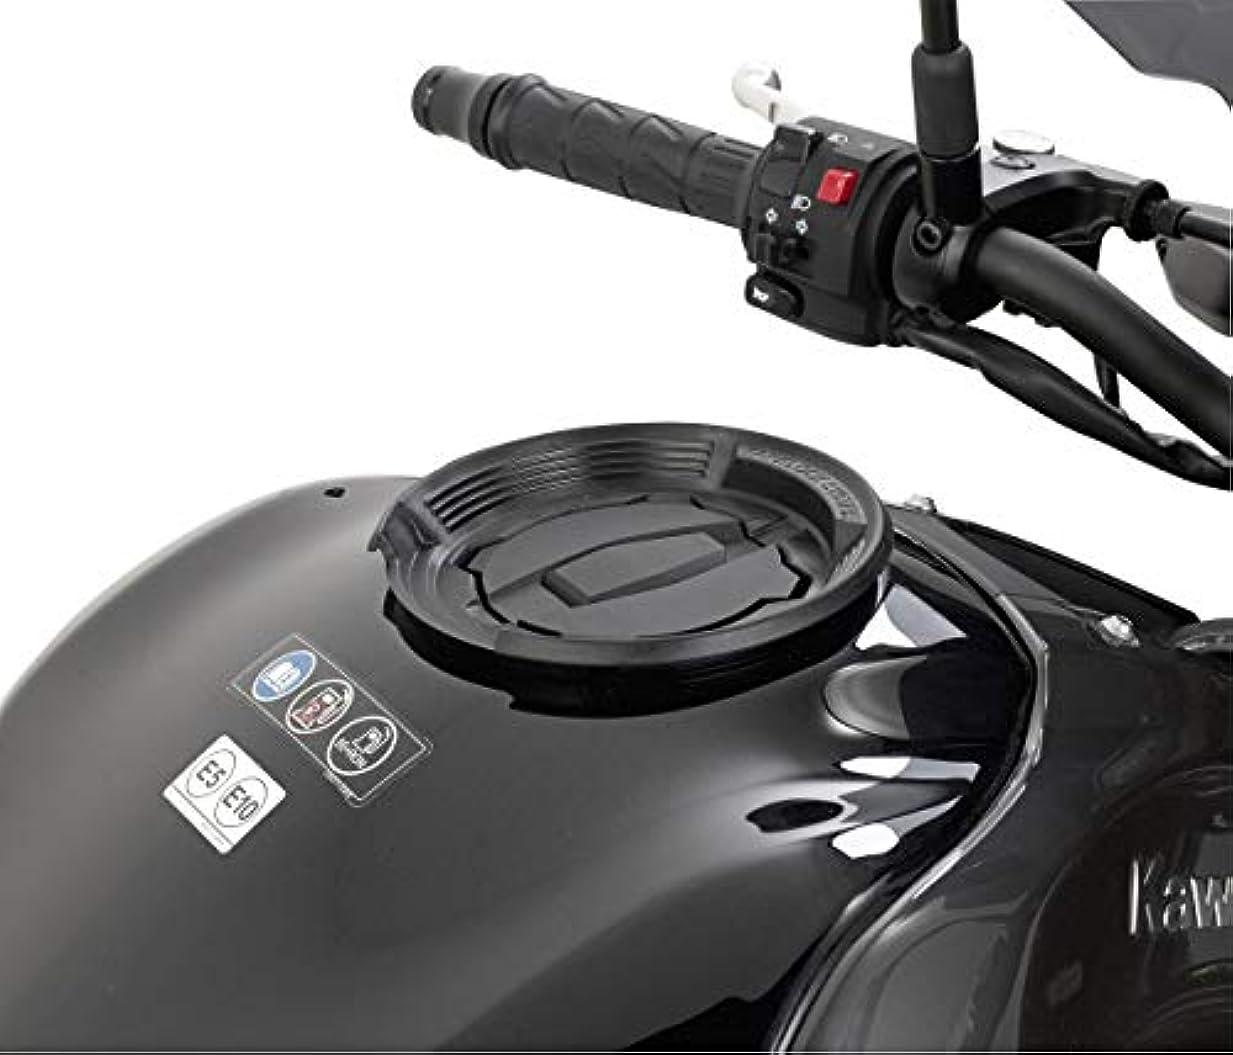 くさび悪因子評価するGivi BF11 タンクロック タンクバッグ フィッティングキット - BMW / DUCATI / KTM